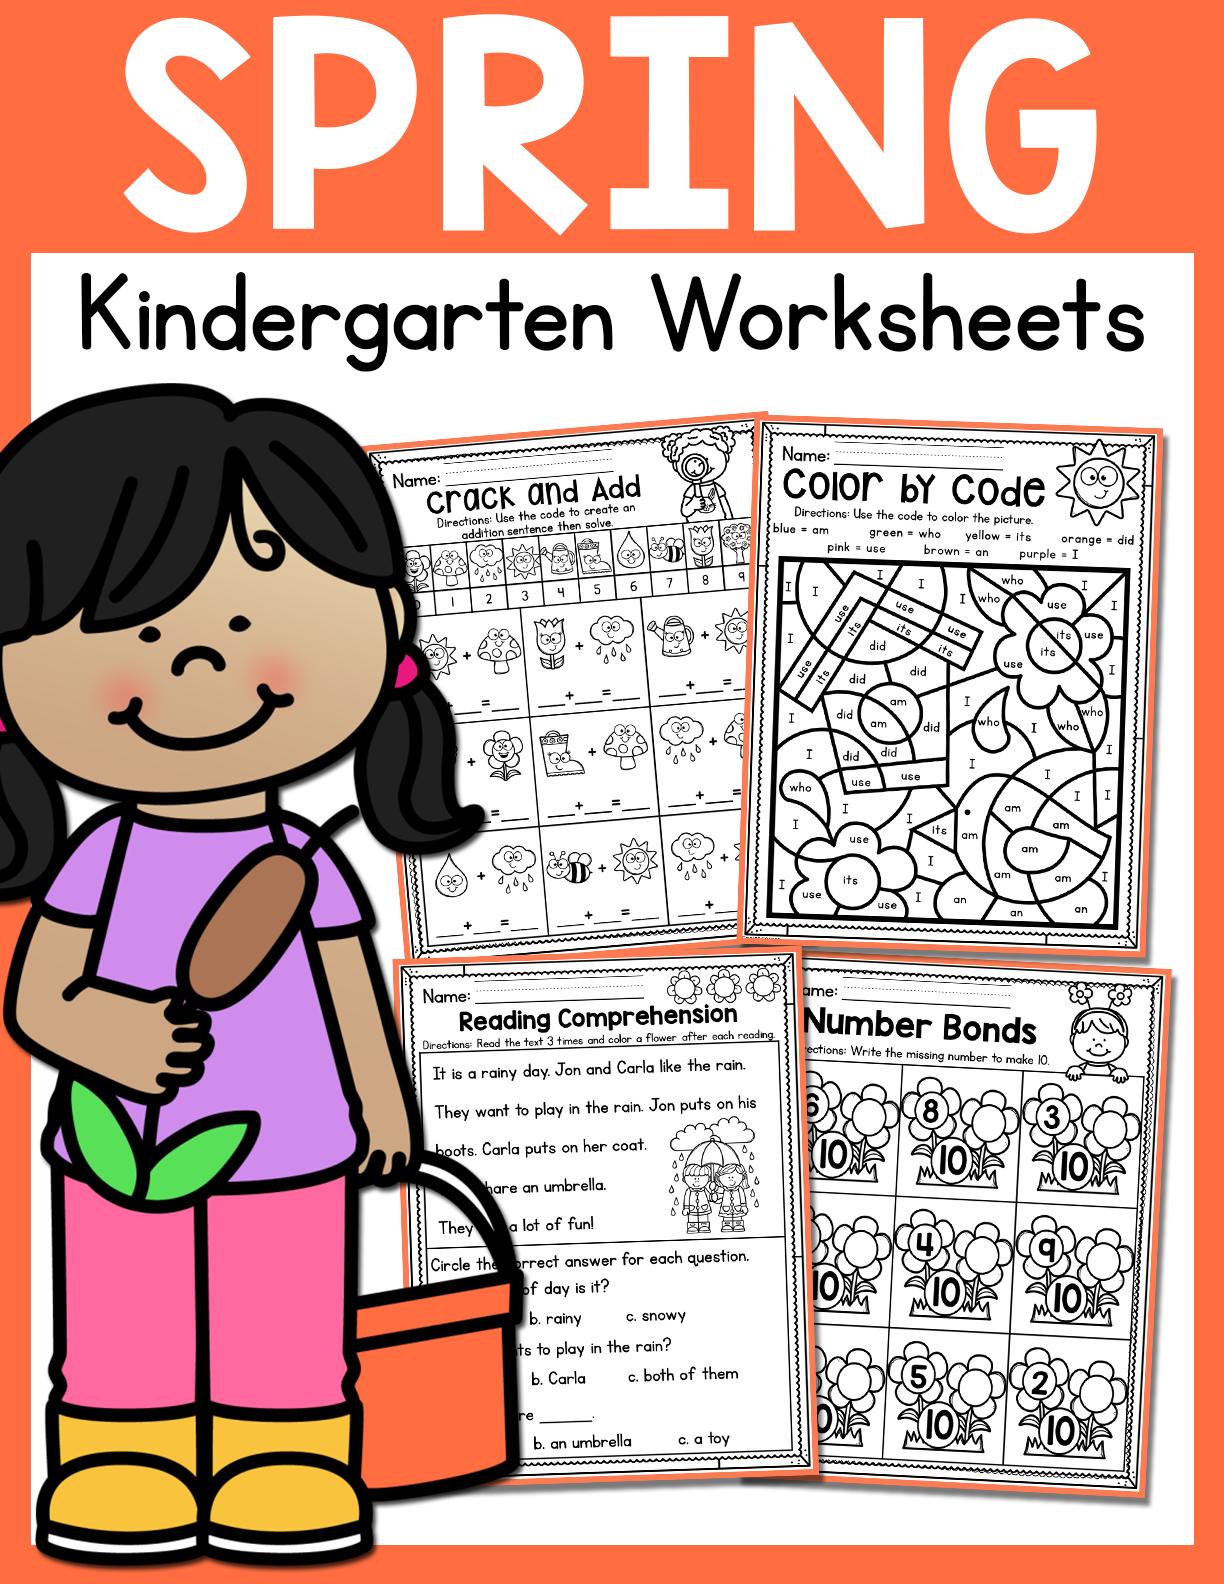 Spring Kindergarten Worksheets for May